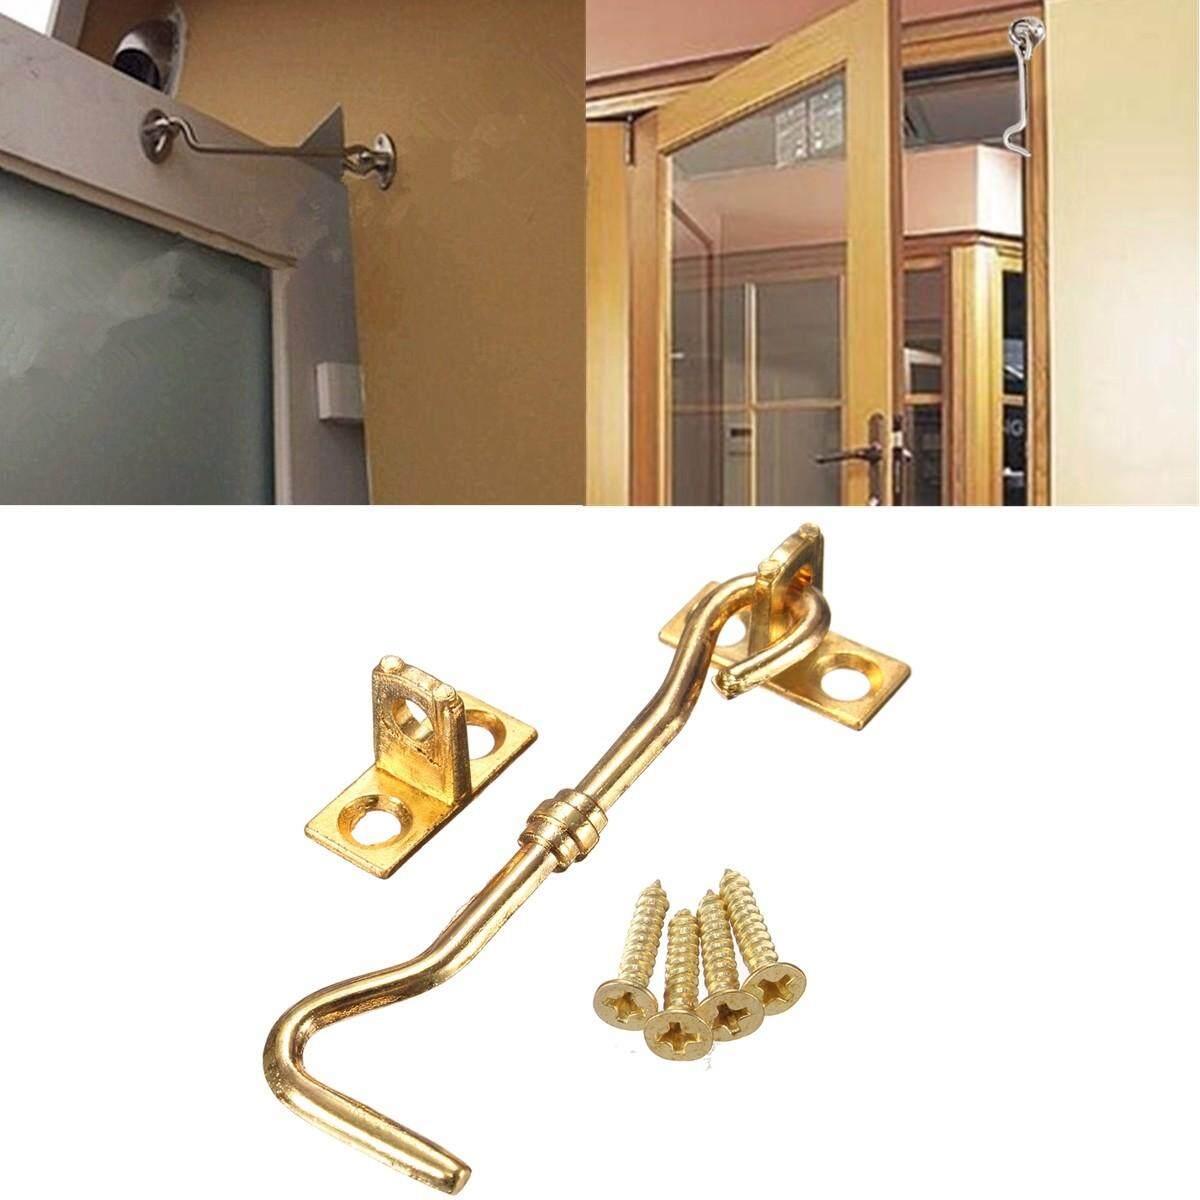 50pcs 3 Cabinet Door Showcase Holder Window Latch Hook & Eye Wind-Proof Silent Lock Gold - intl